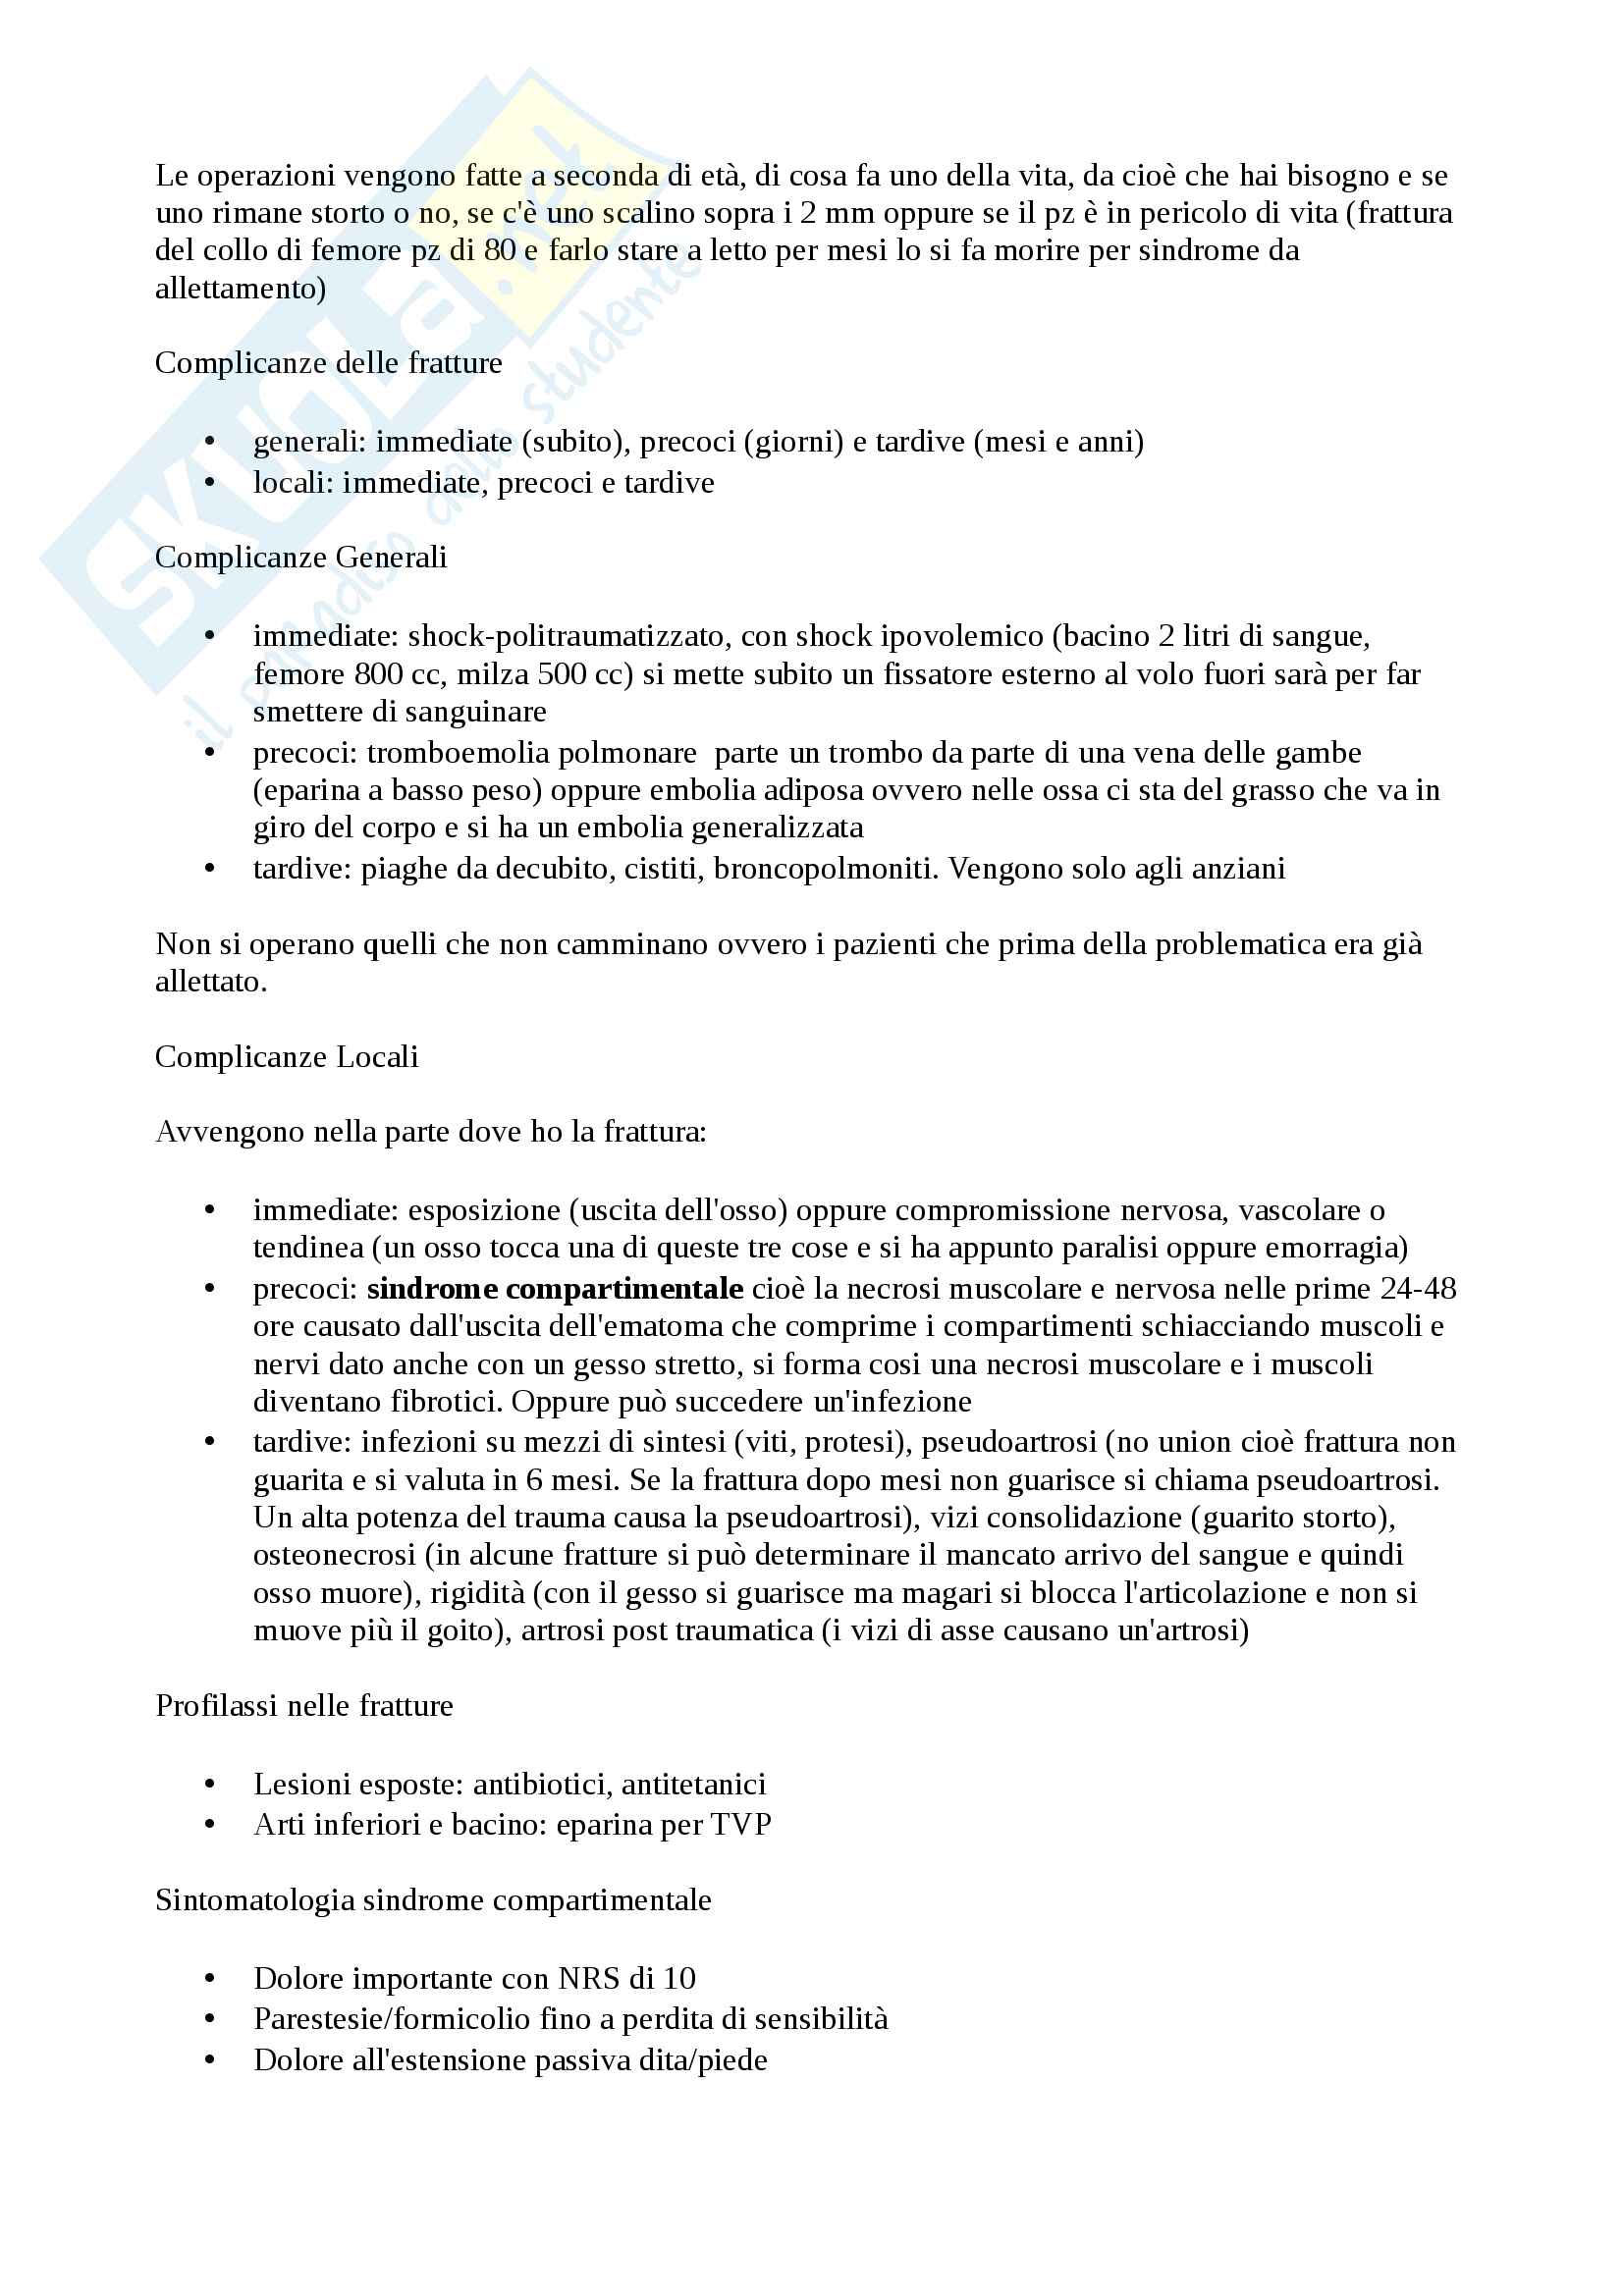 Ortopedia generale Pag. 6